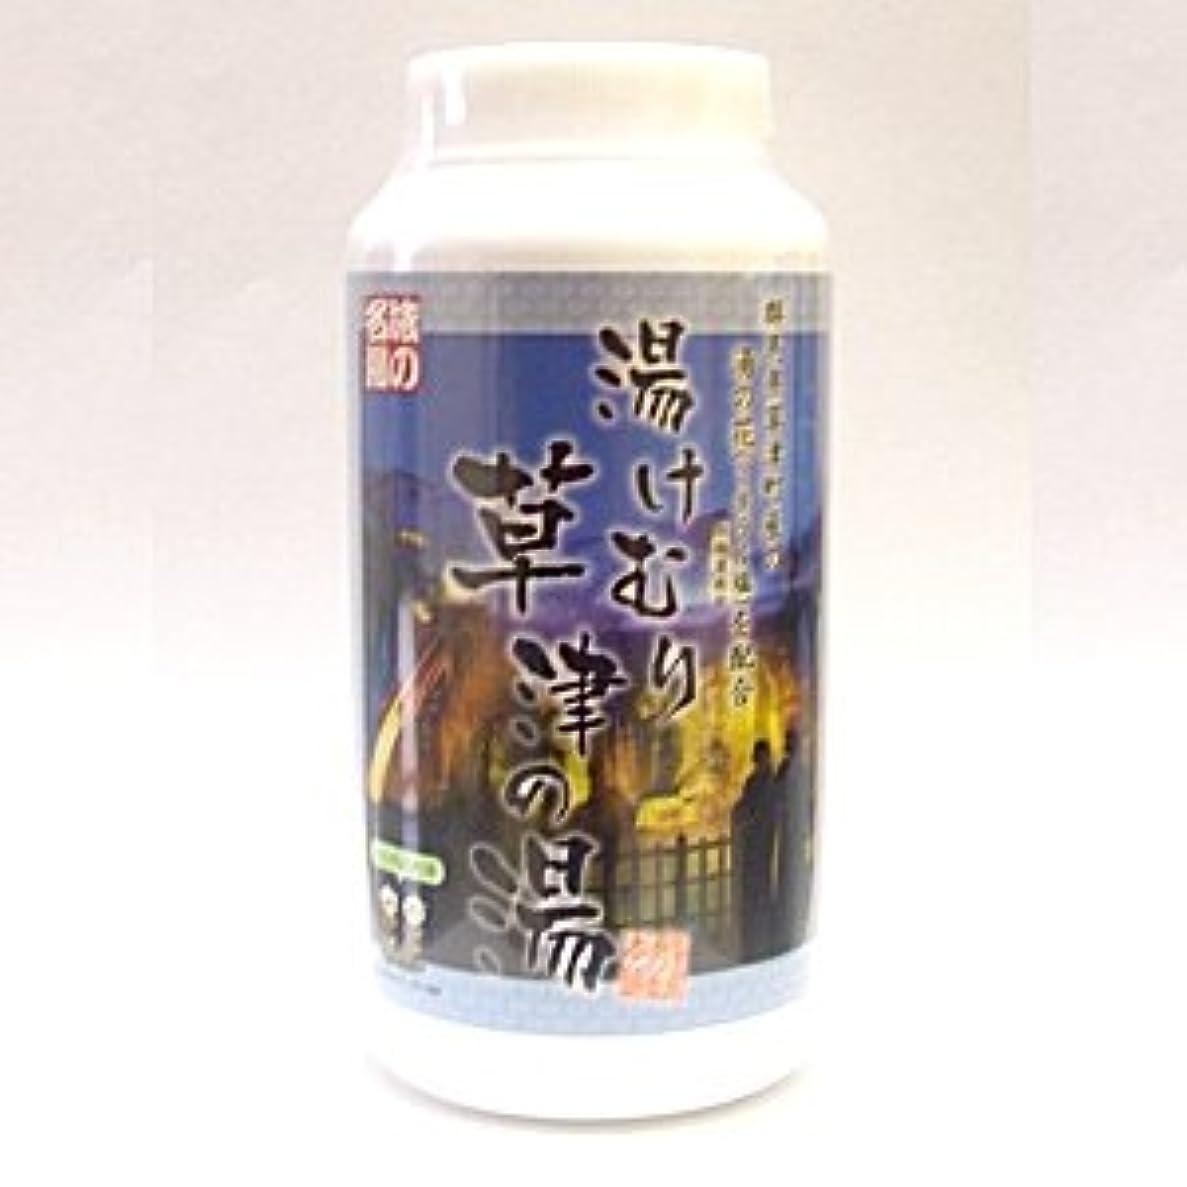 素晴らしさ受け入れた承認湯けむり草津の湯 群馬県草津町産の「湯の花」配合 500g